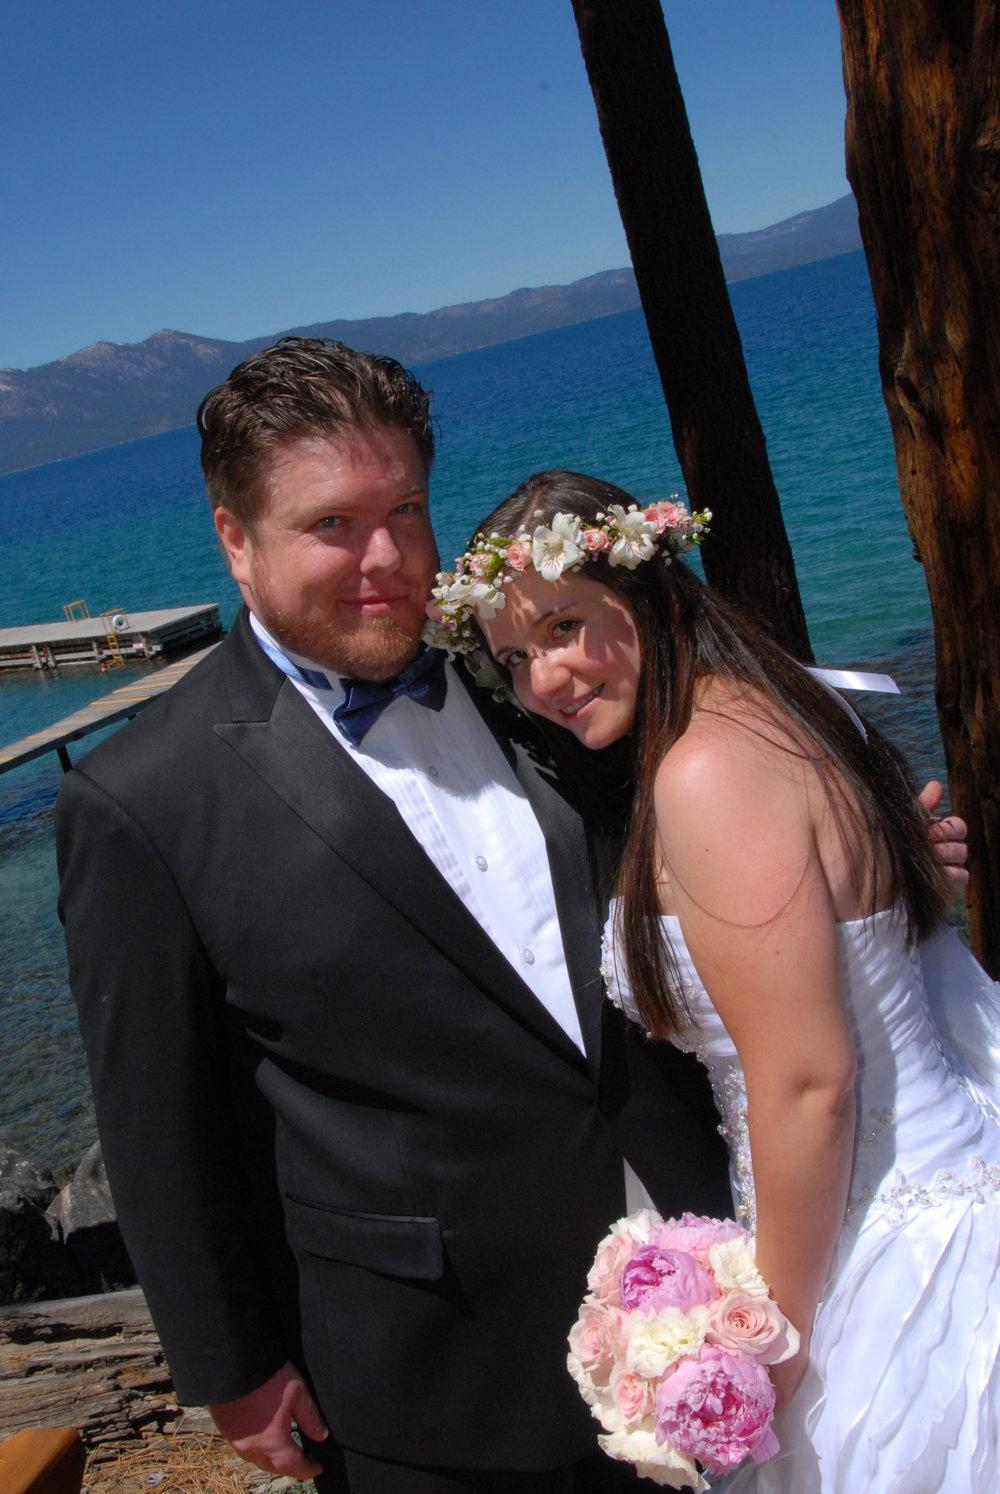 06 Happily Married.jpg